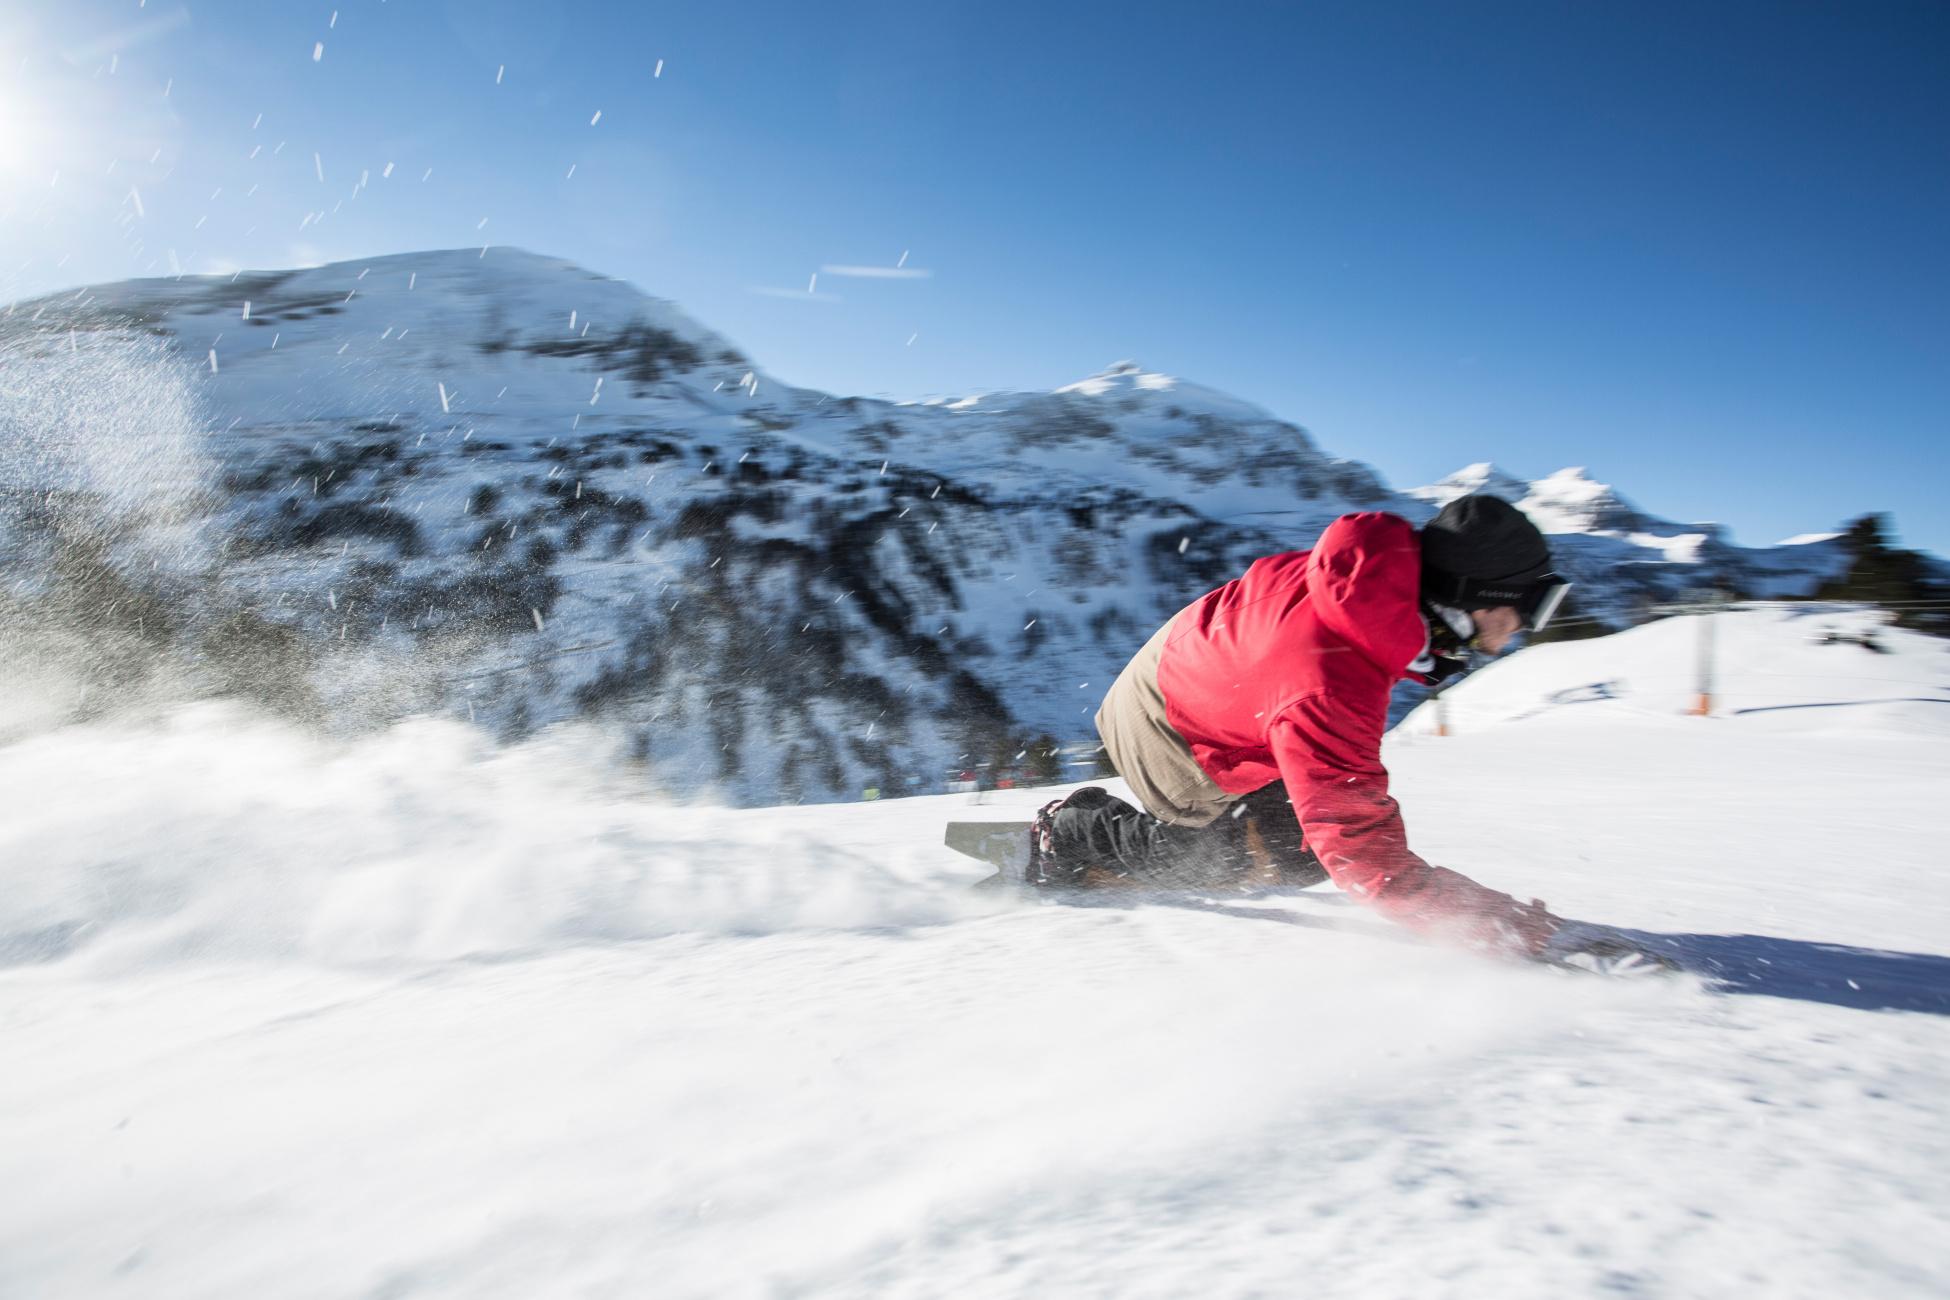 Místo běhu zkuste snowboard – průvodce výběrem snowboardových bot a oblečení